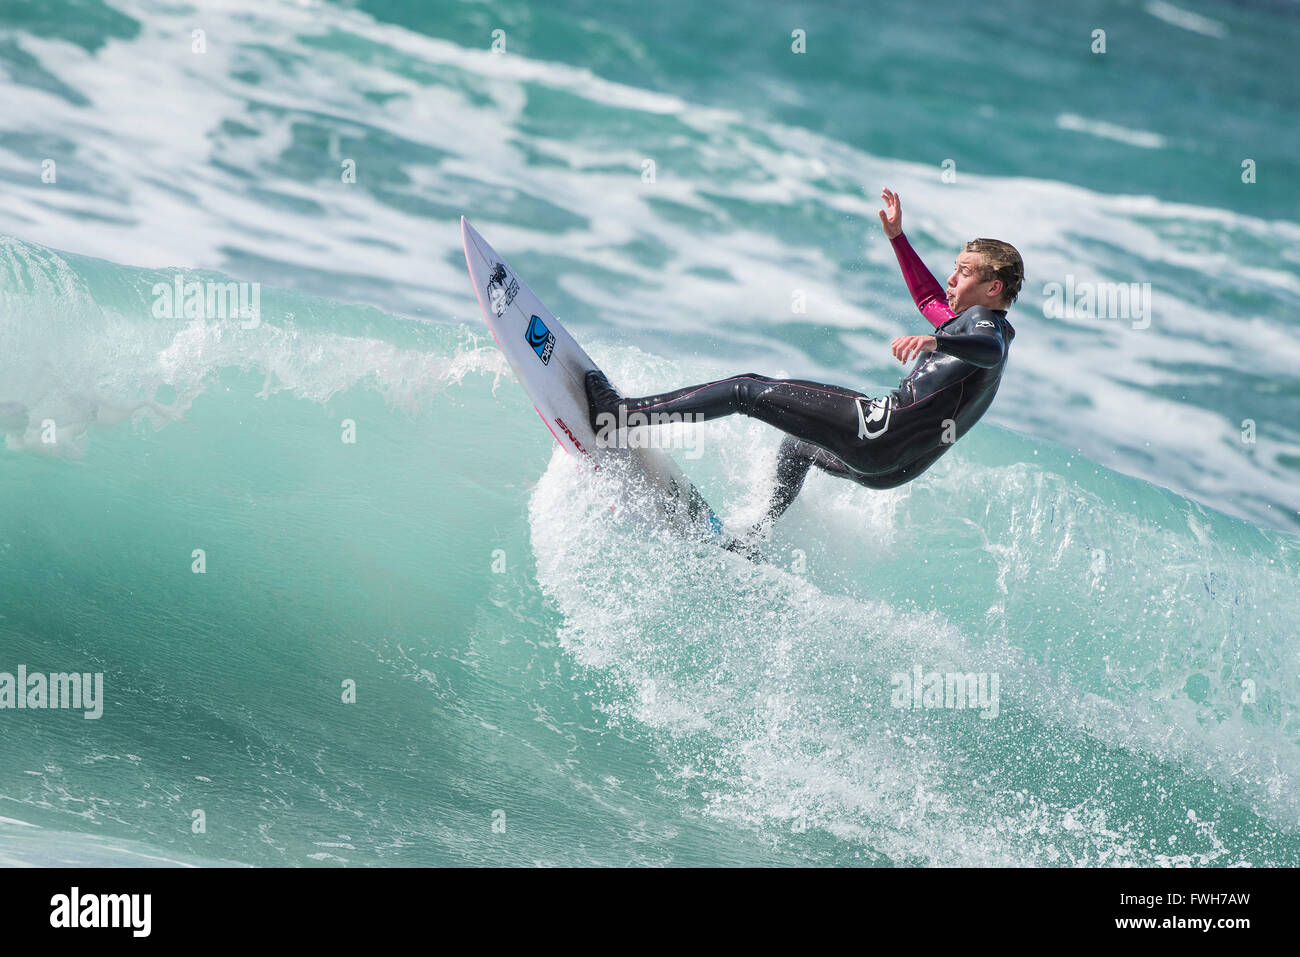 Fistral Beach, Newquay, Cornwall, 5 aprile 2016. Regno Unito: Meteo un surfista locale gode di condizioni meteorologiche Immagini Stock